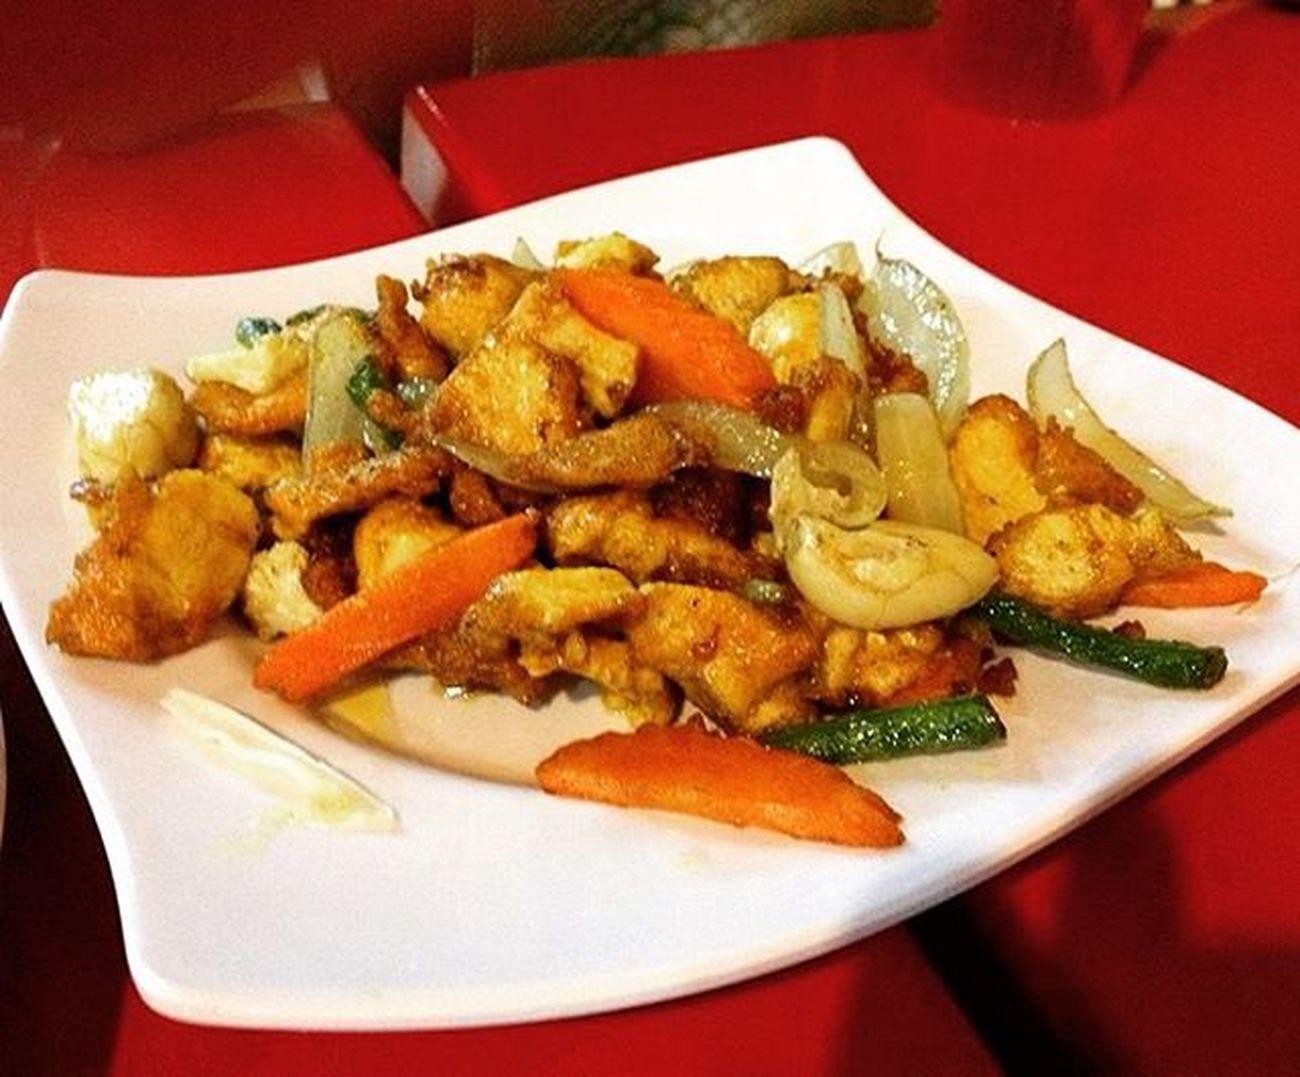 AyomGorengBerempah Malaysia Foodporn Food Foodphotography Asian  Asiancuisine ASIA